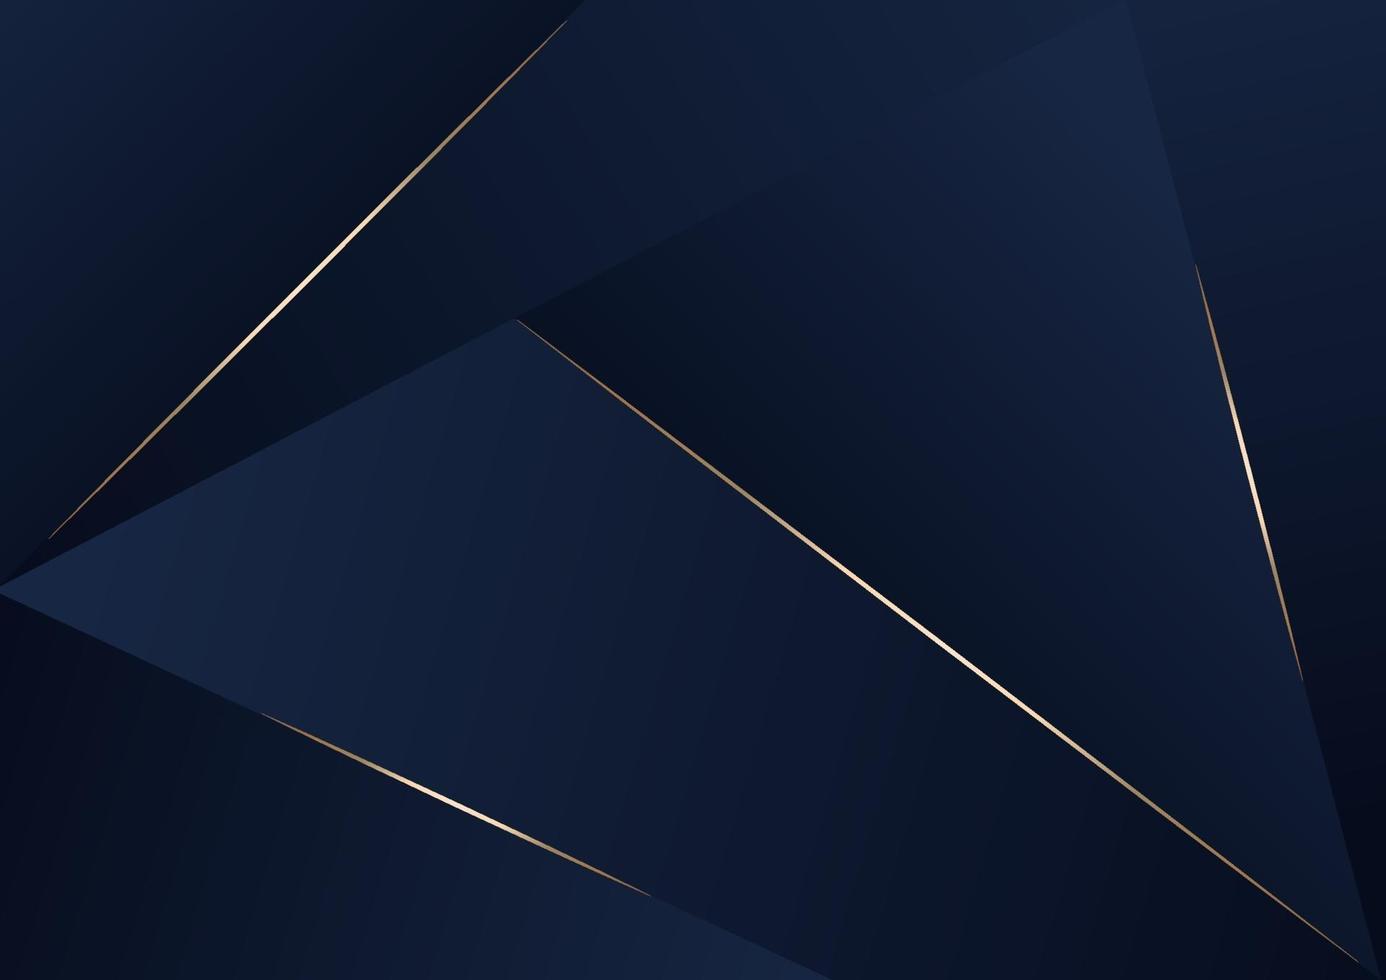 abstracte donkerblauwe luxe premium achtergrond met luxe driehoeken patroon en gouden verlichtingslijnen. vector